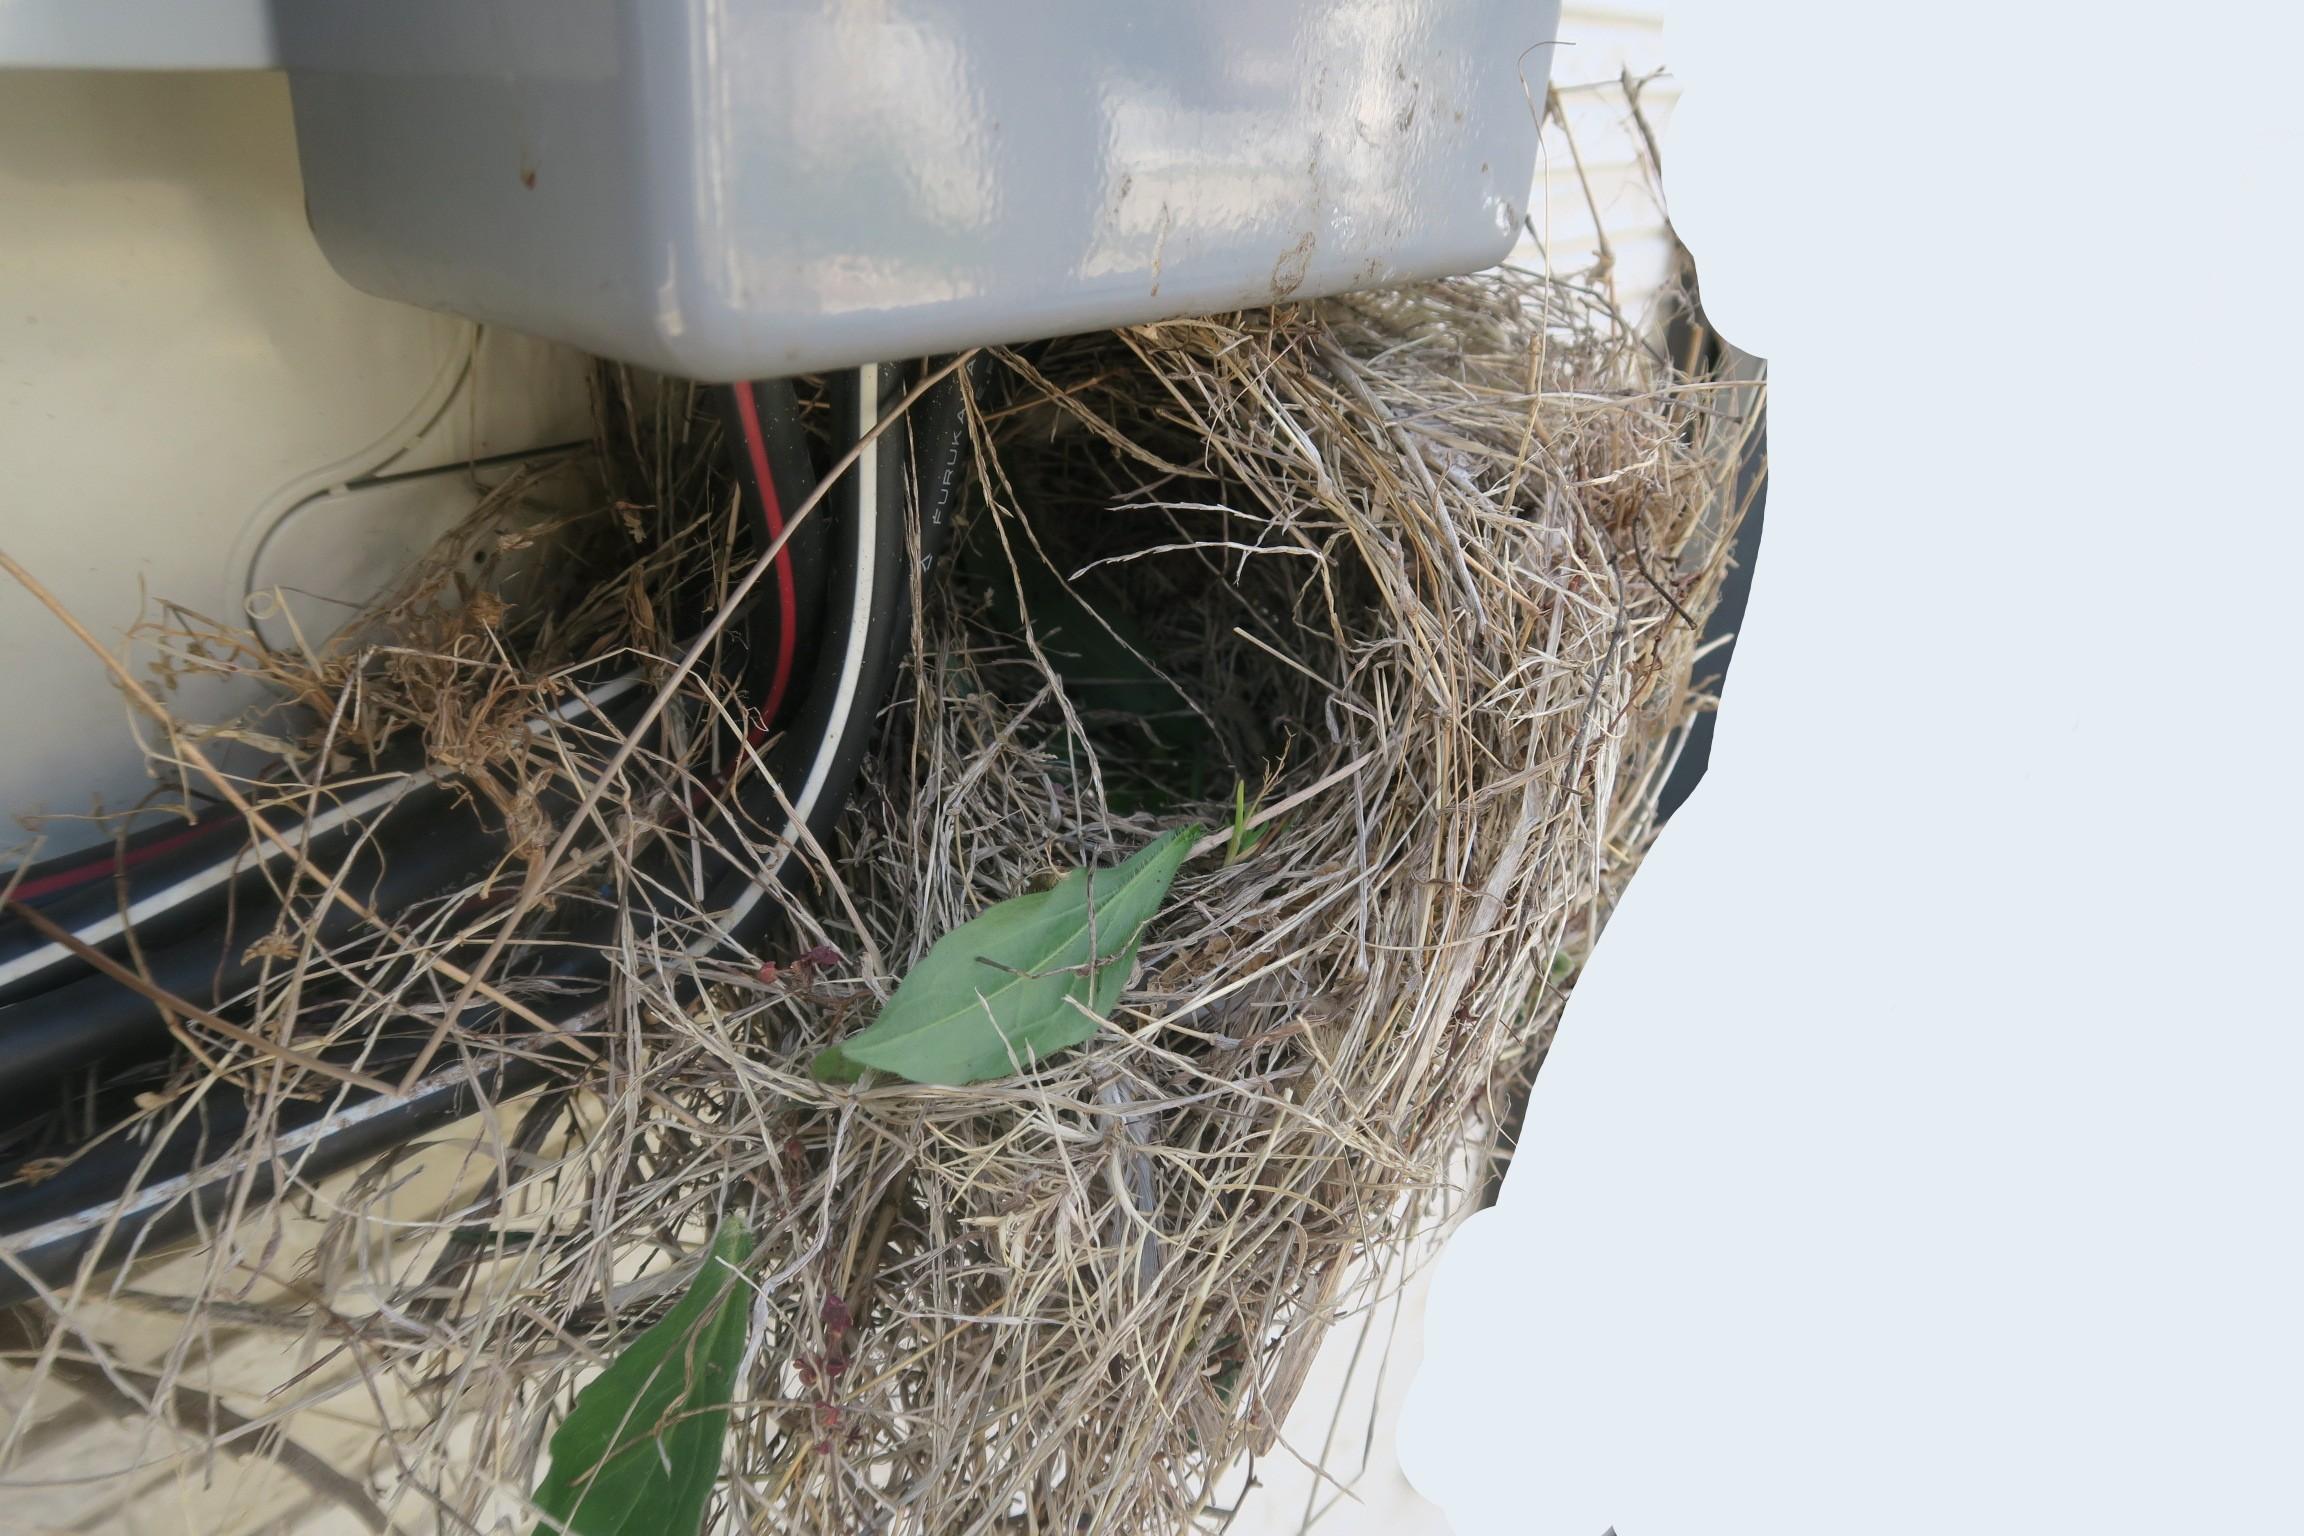 電気メーターに作られたスズメの巣